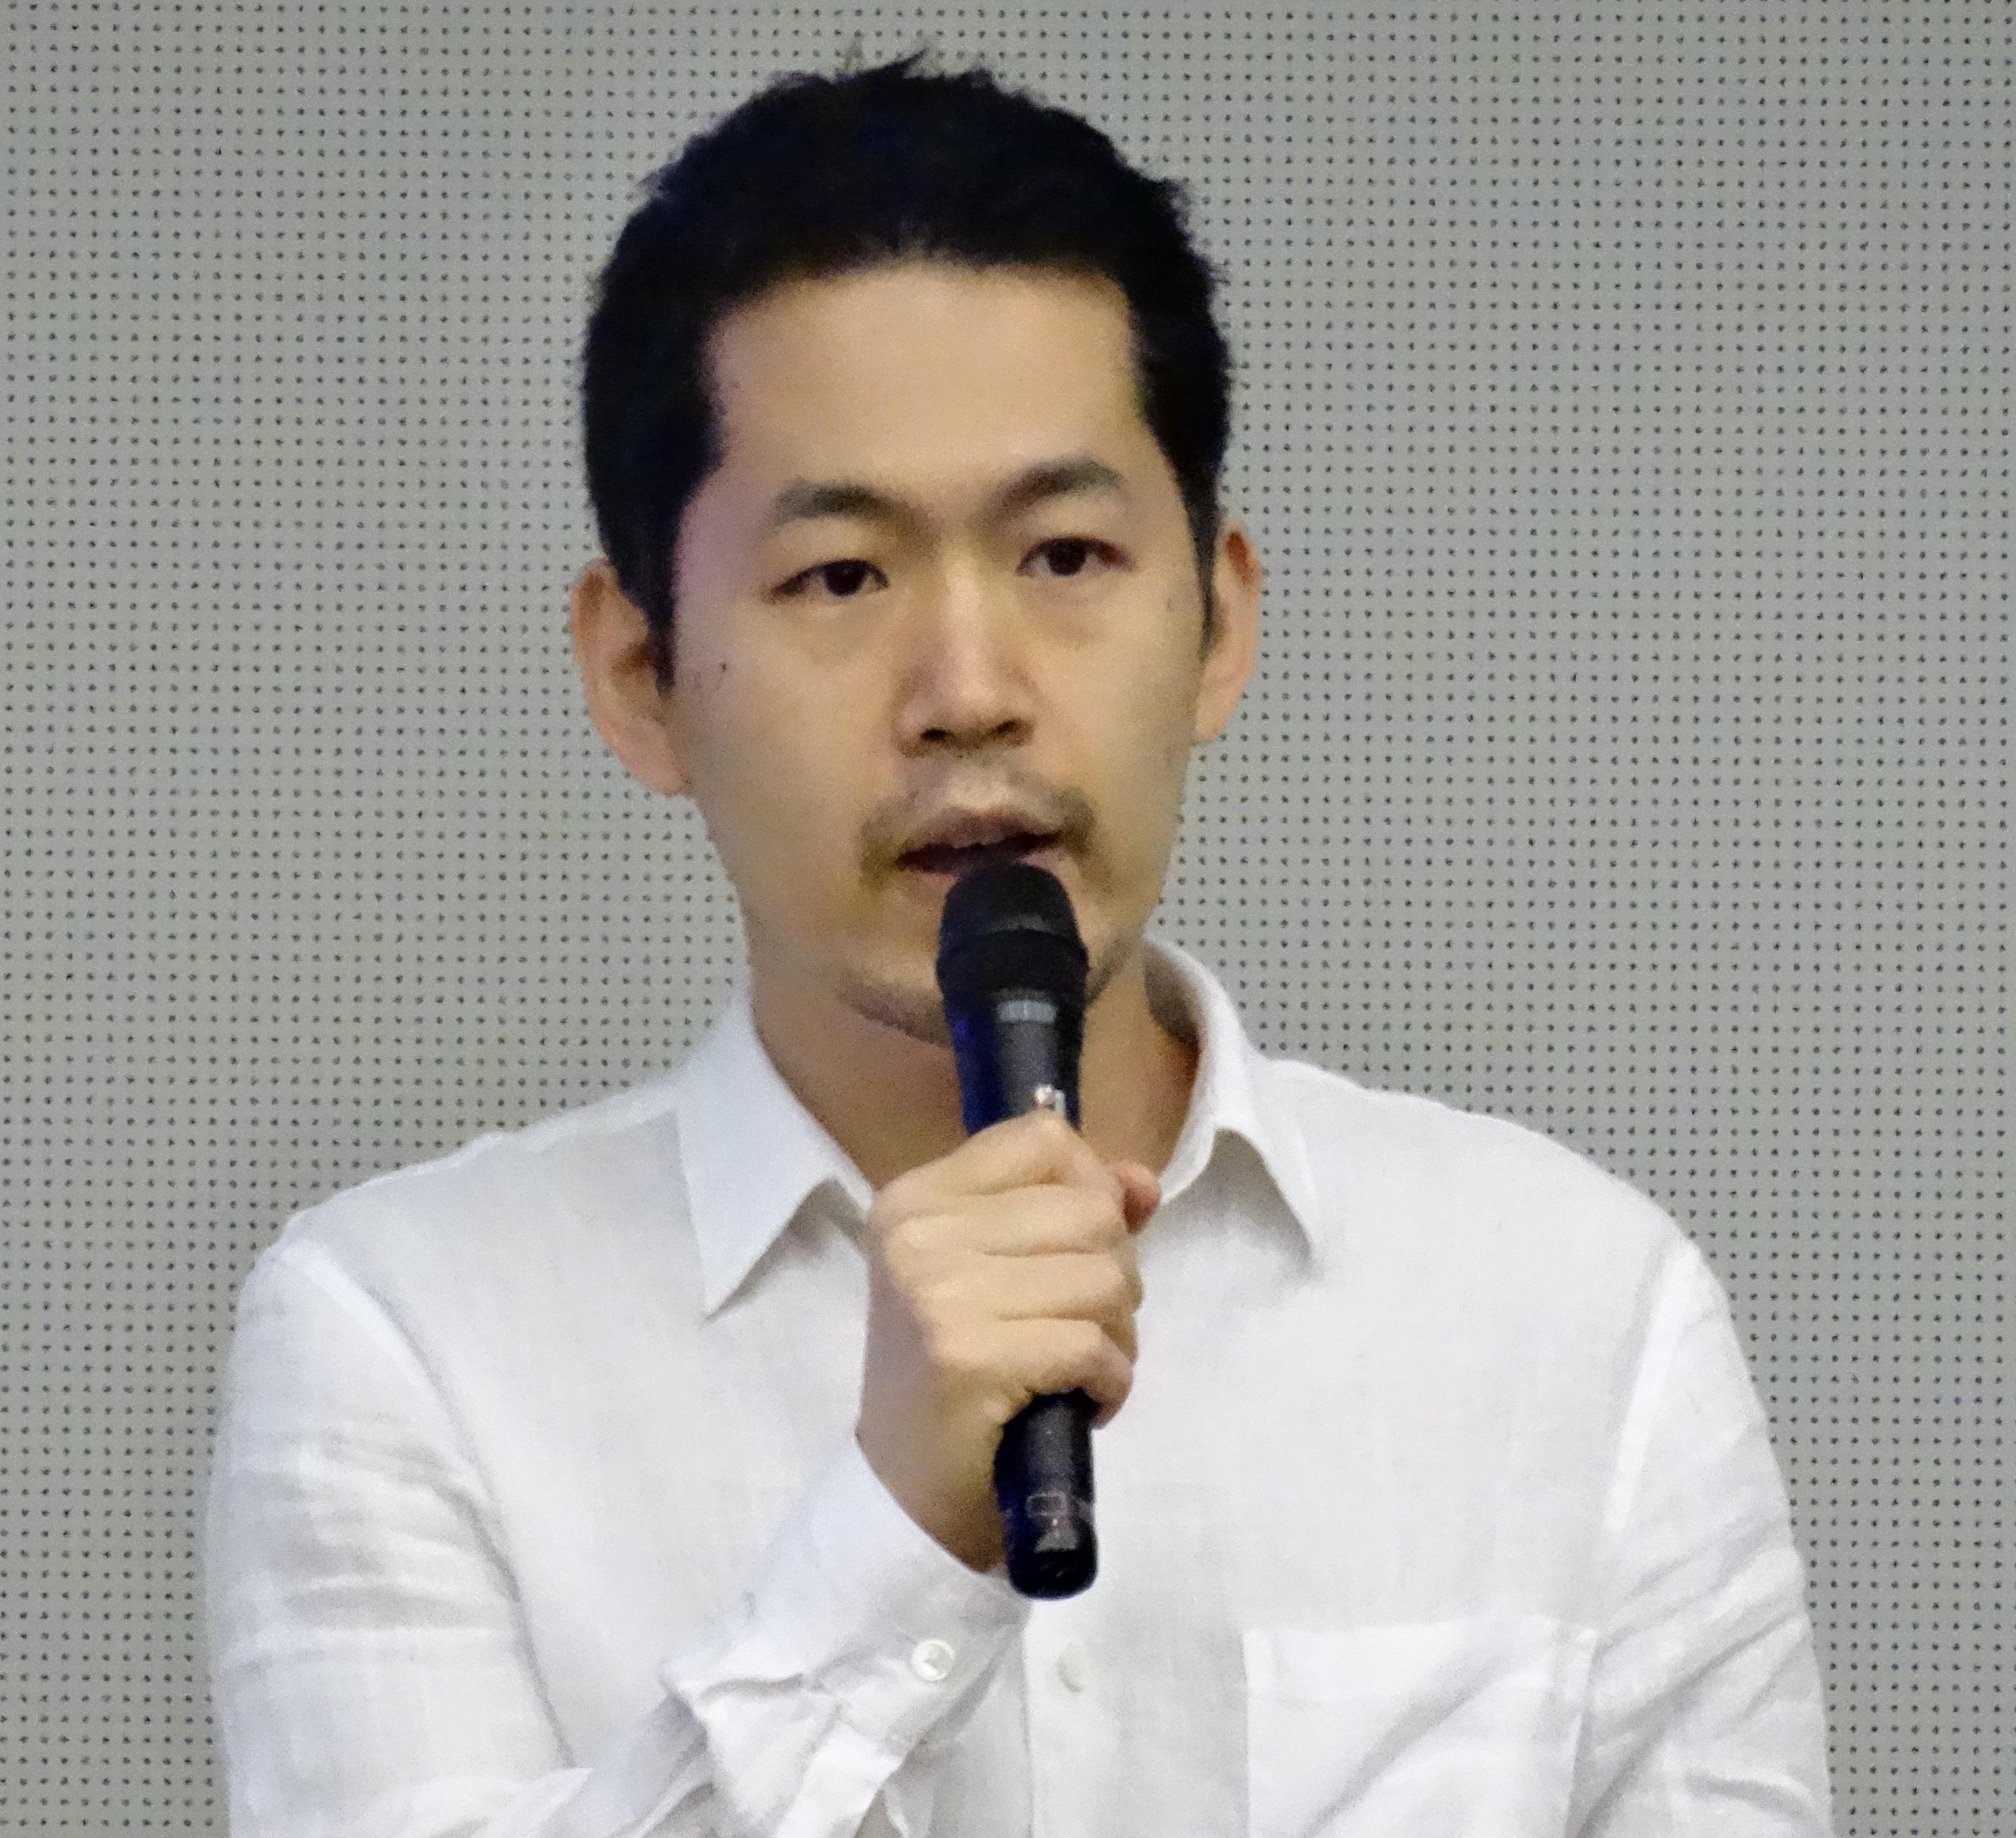 専属講師・小国幸司先生の講演を聴いてきました